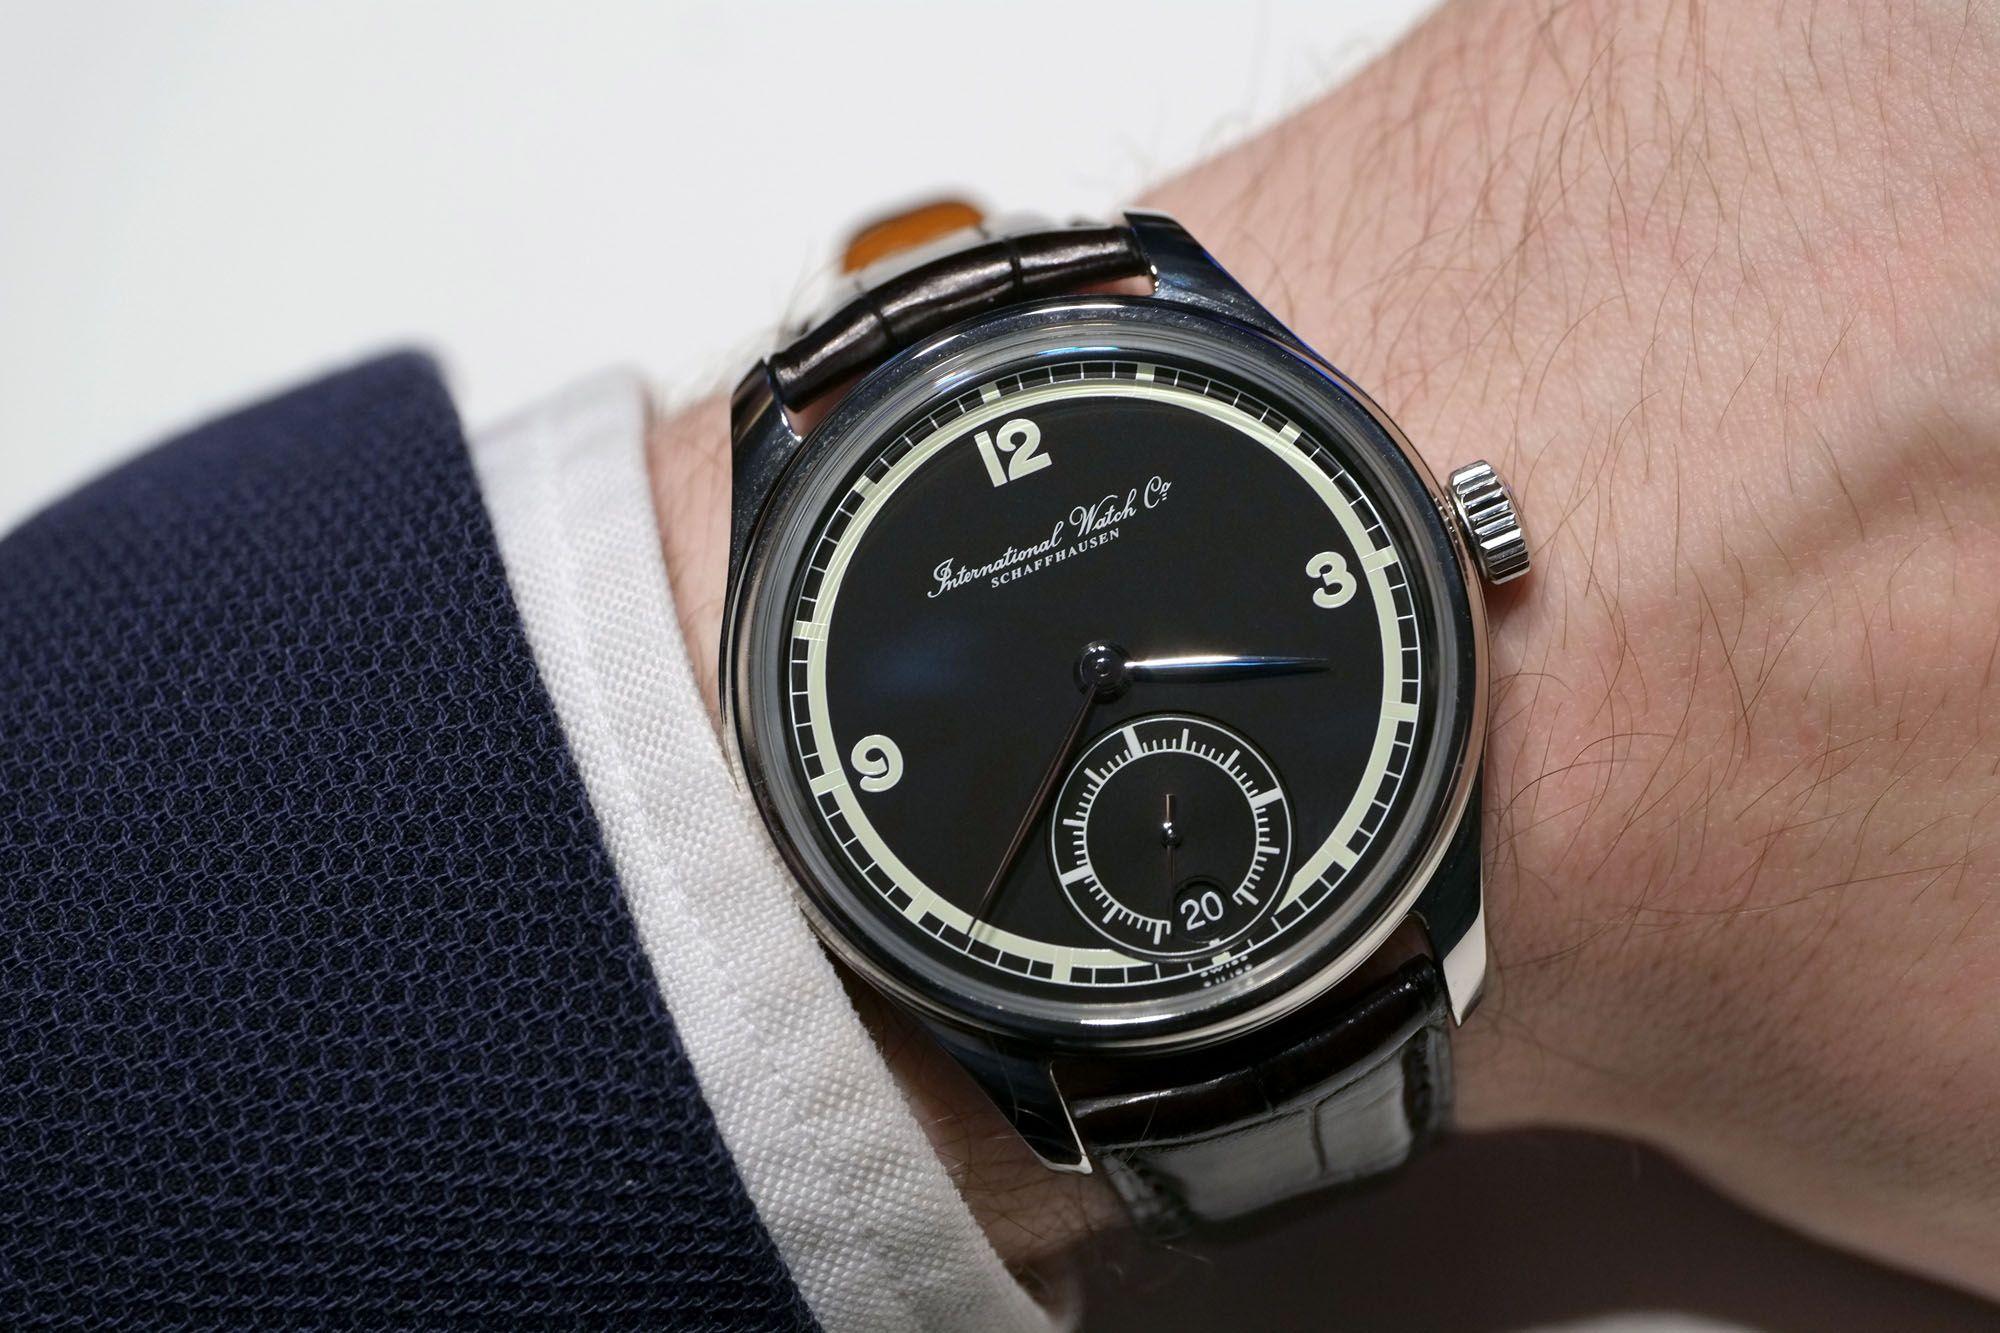 Panerai Radiomir 1940 Equation of Time Los relojes mecánicos son tecnología  totalmente obsoleta c9ea2fd38e40